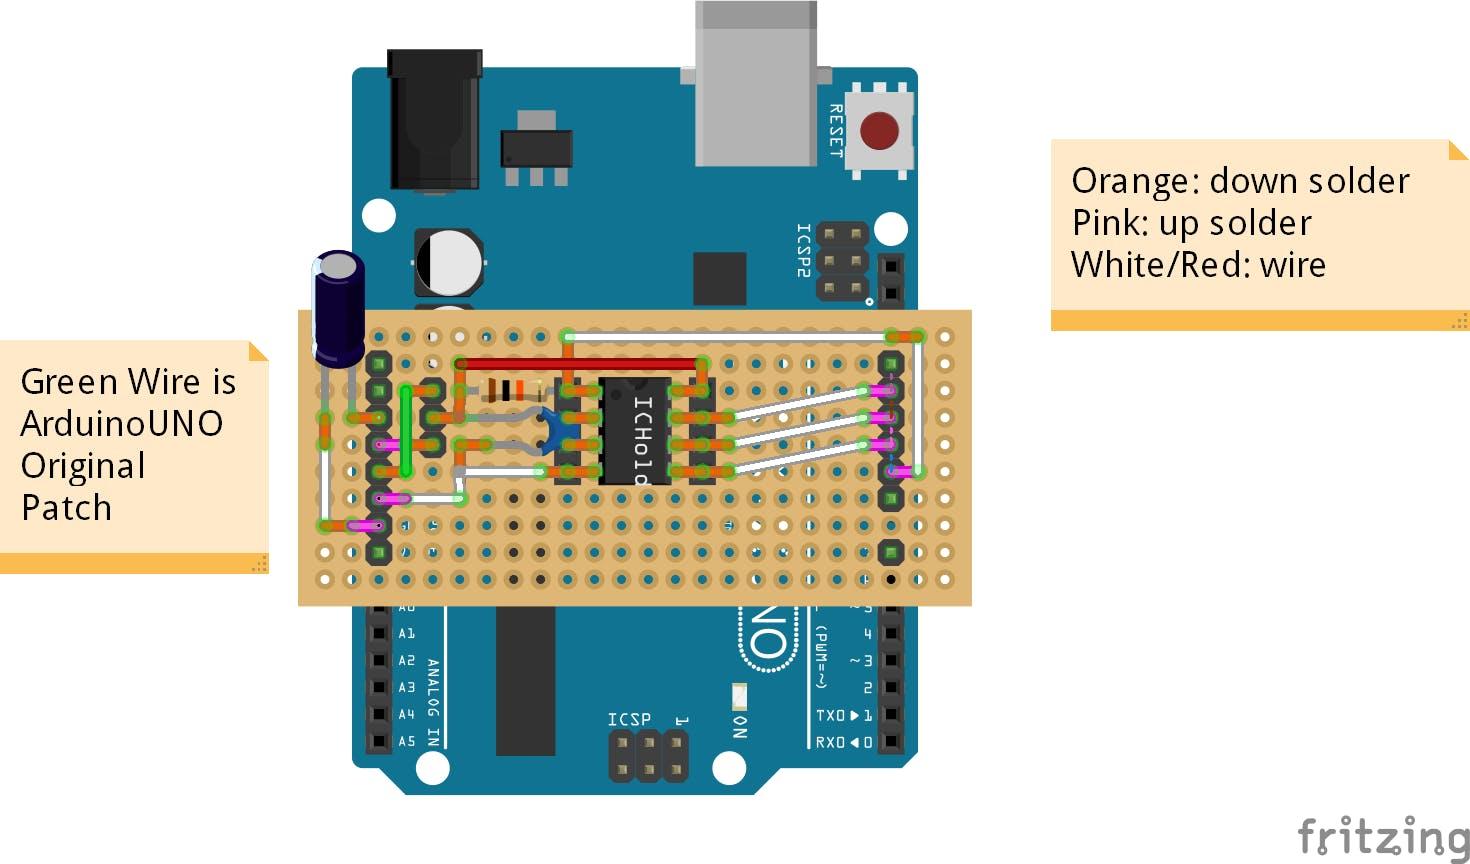 Patch for original Arduino